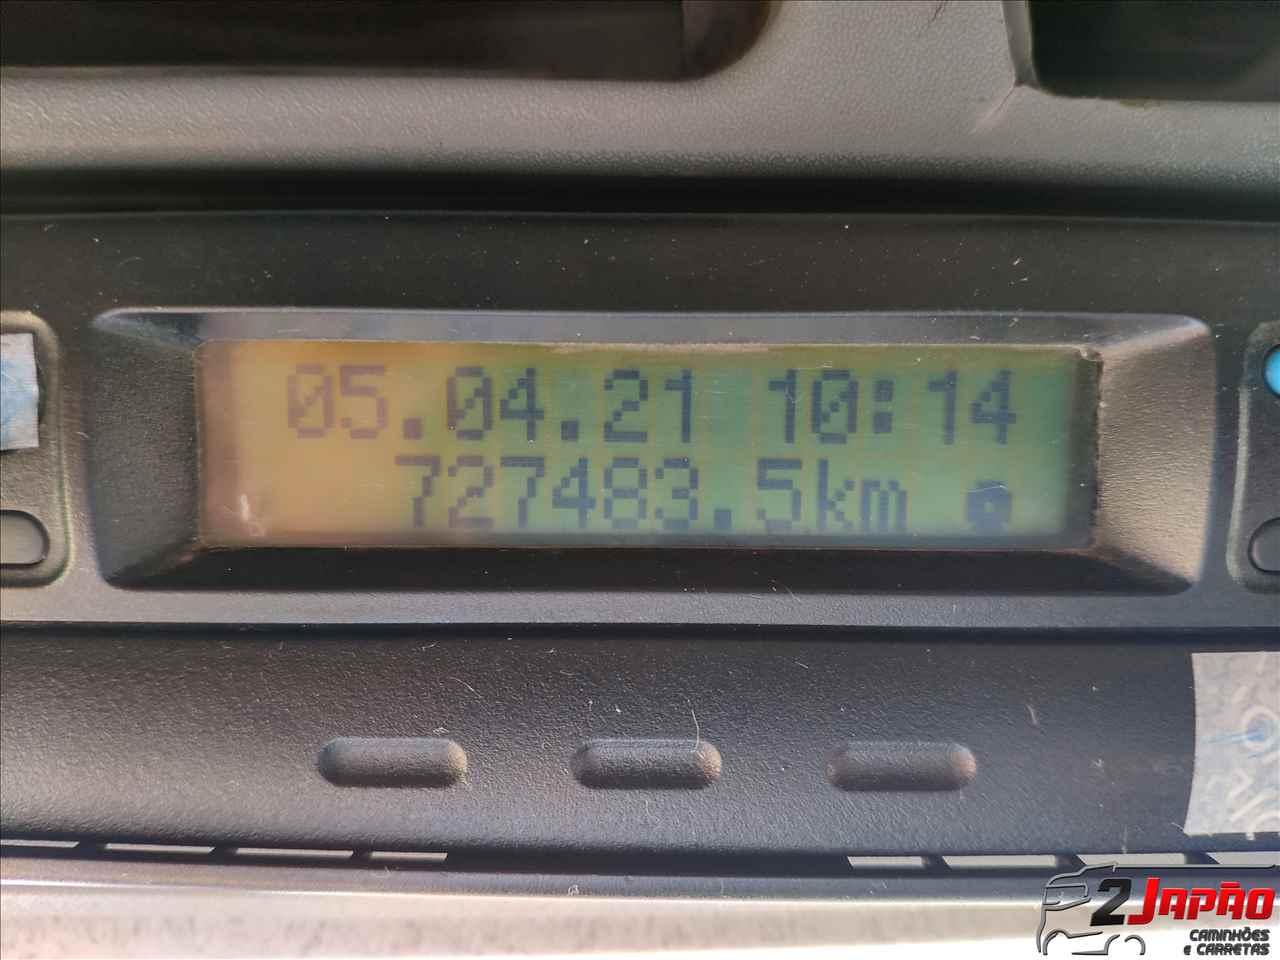 MERCEDES-BENZ MB 2644 727000km 2008/2009 2 Japão Caminhões e Carretas